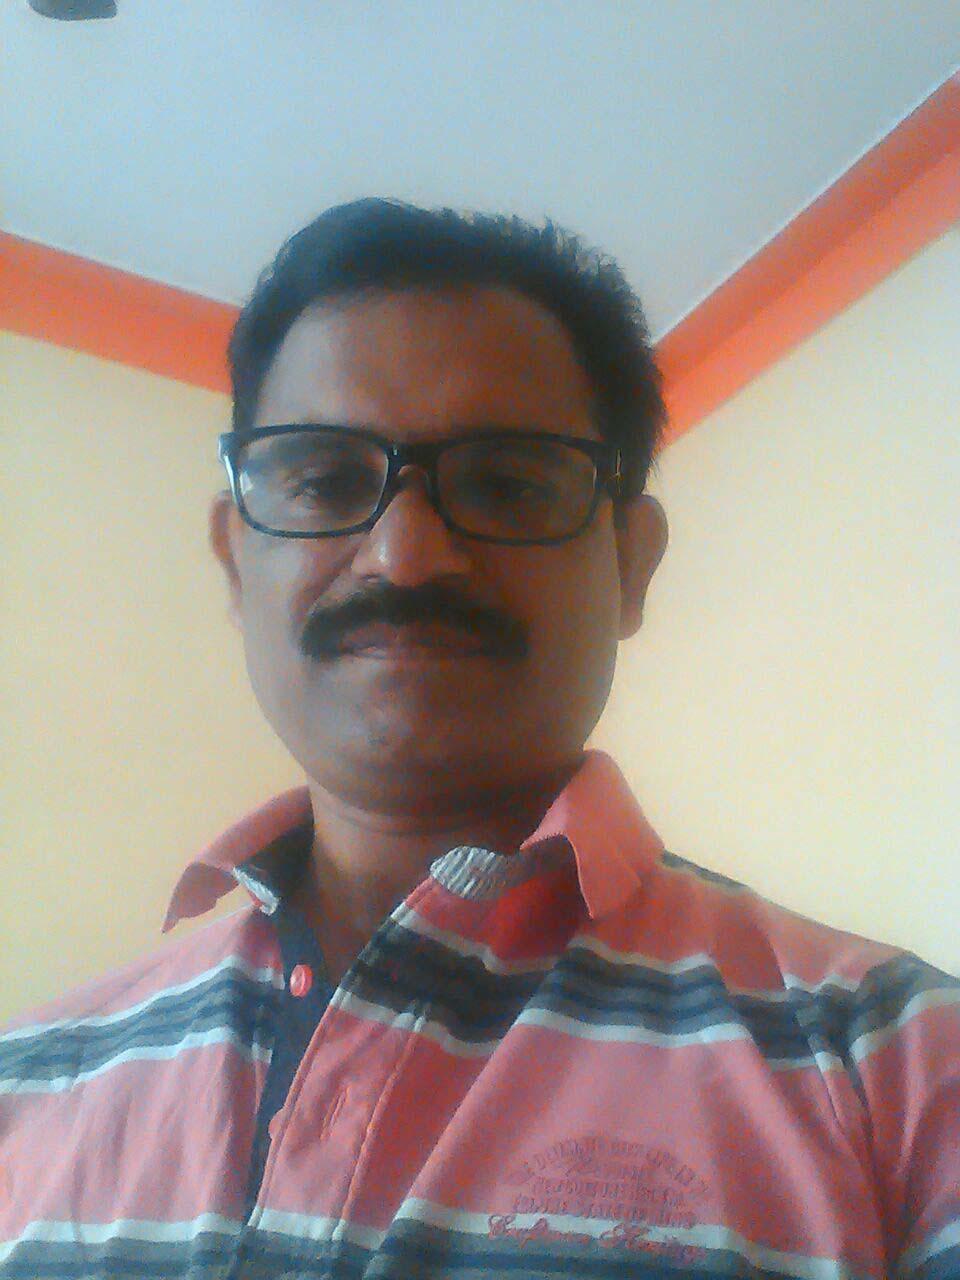 http://chaithanya.in/mat/assets/uploads/profilephotos/48349/135923.jpg